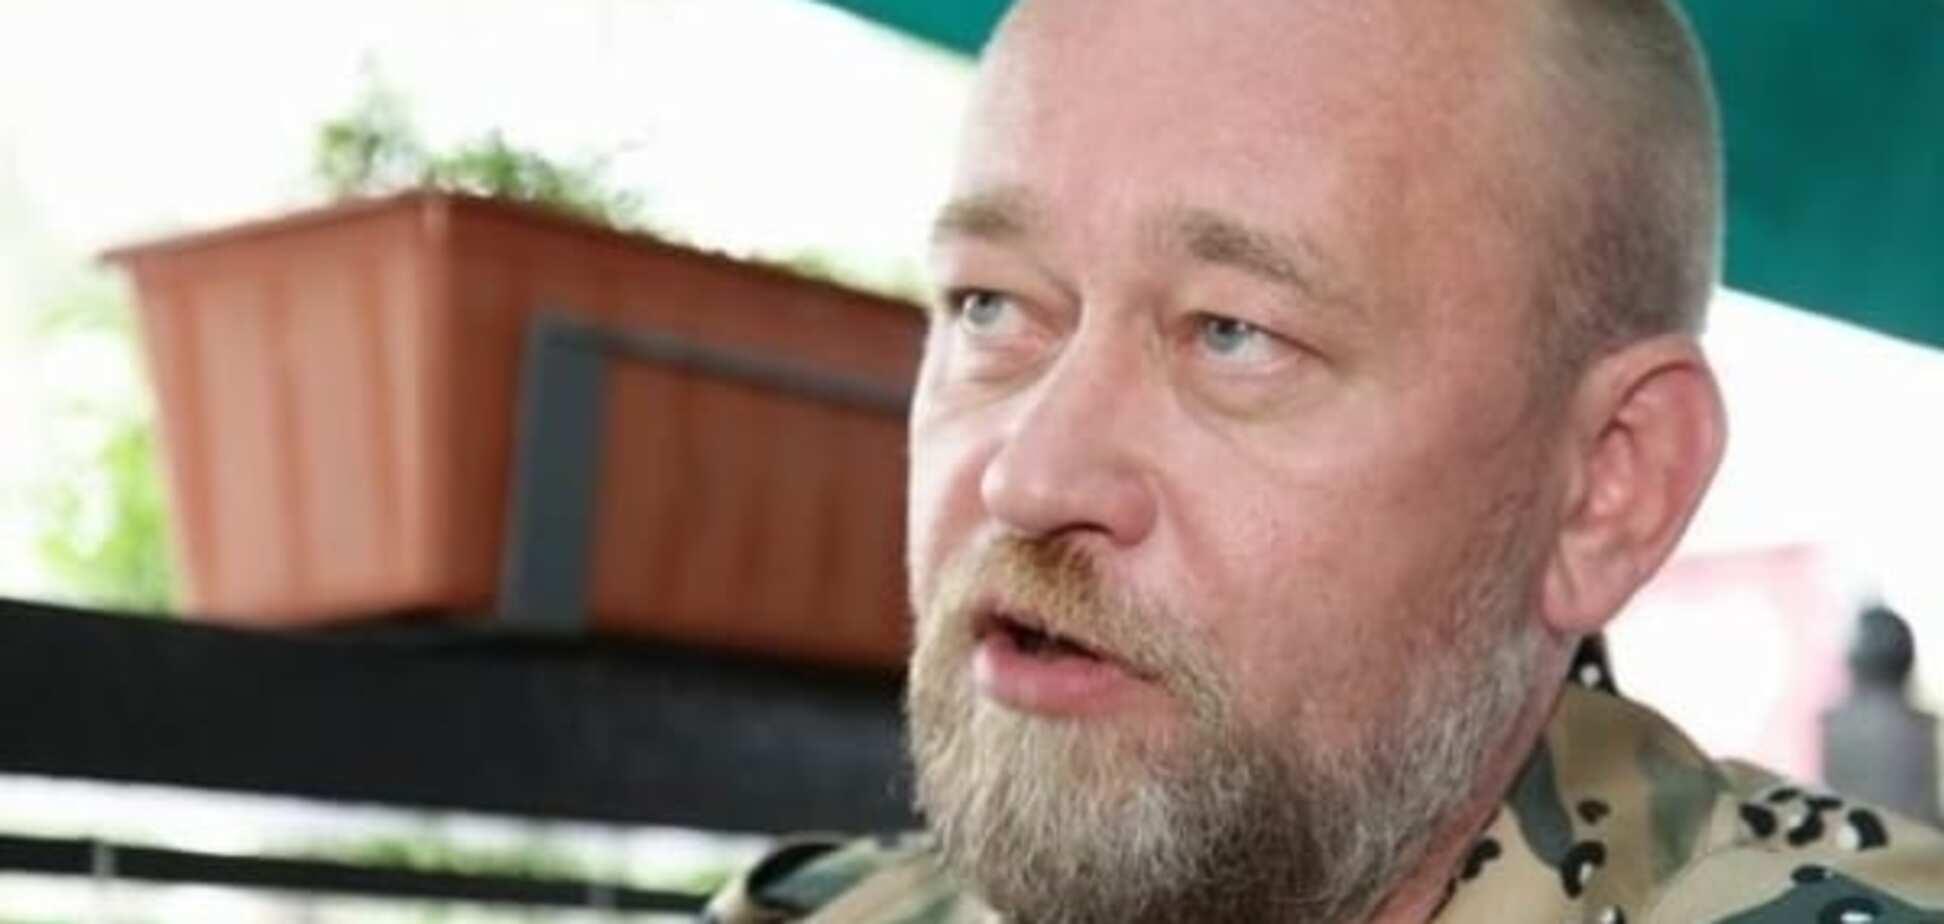 Терористи готові звільнити 30 полонених українців - Рубан